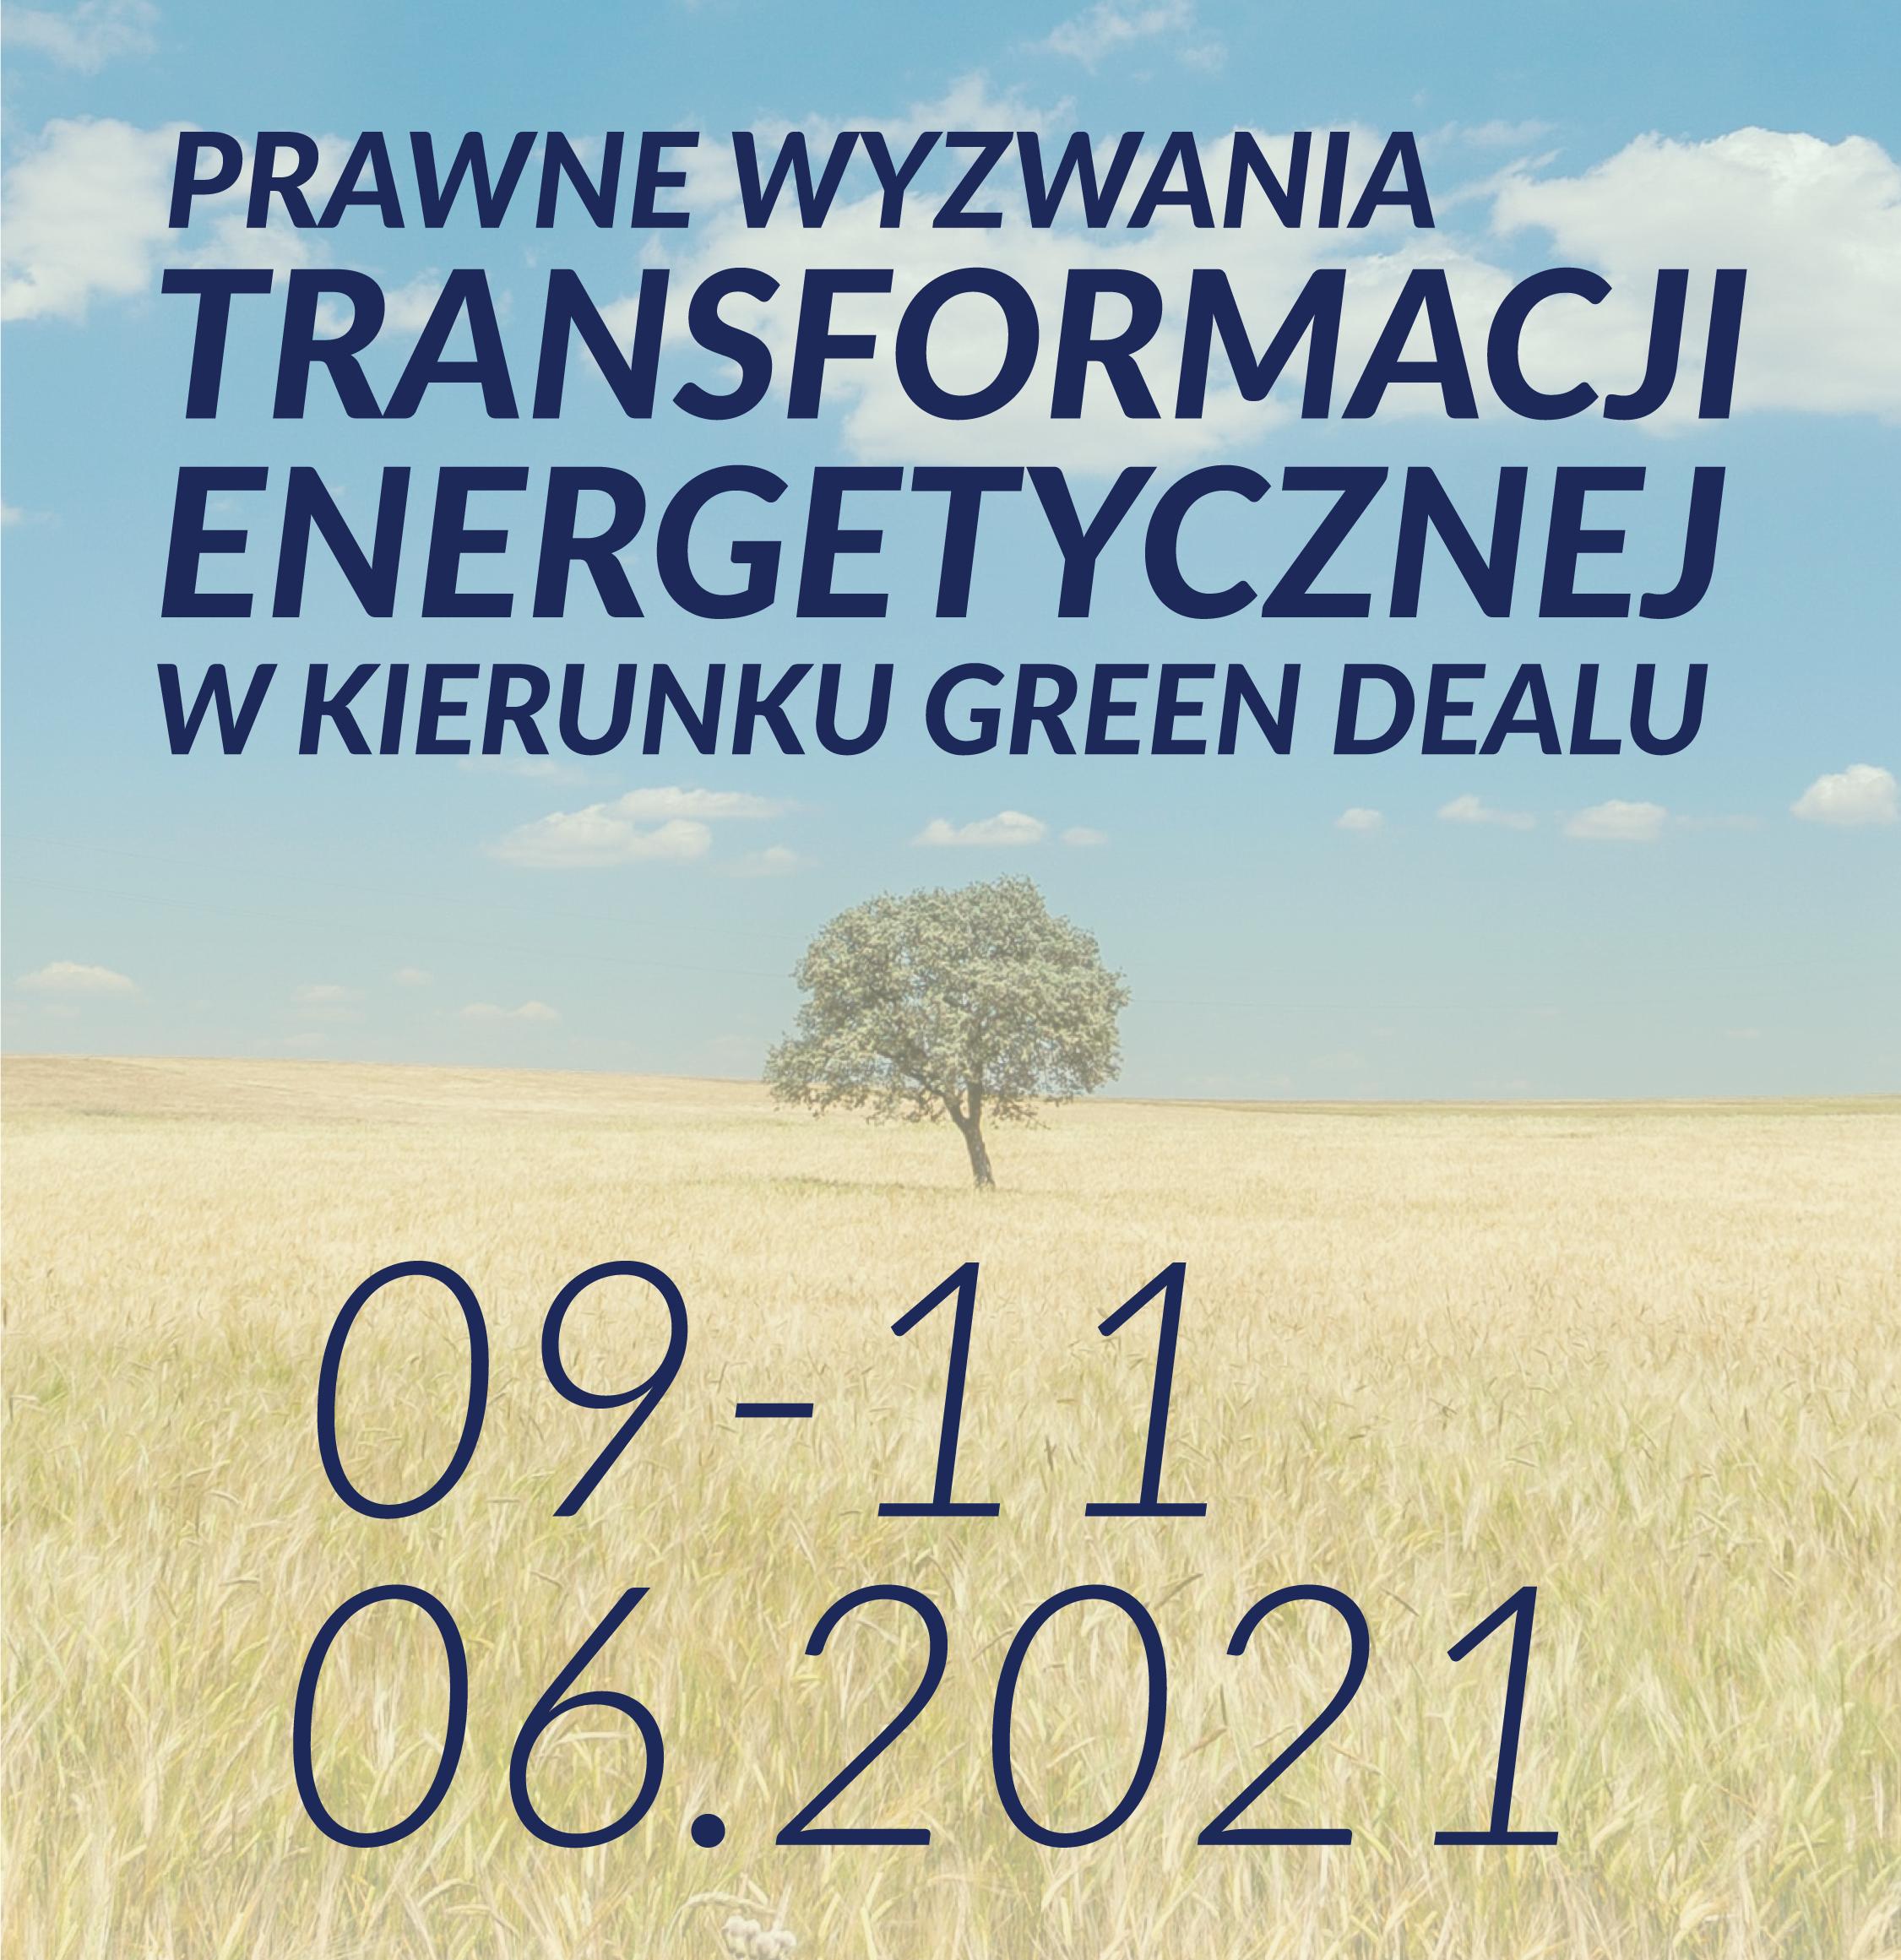 Ogólnopolska Konferencja Naukowa: Prawne wyzwania transformacji energetycznej w kierunku Green Dealu